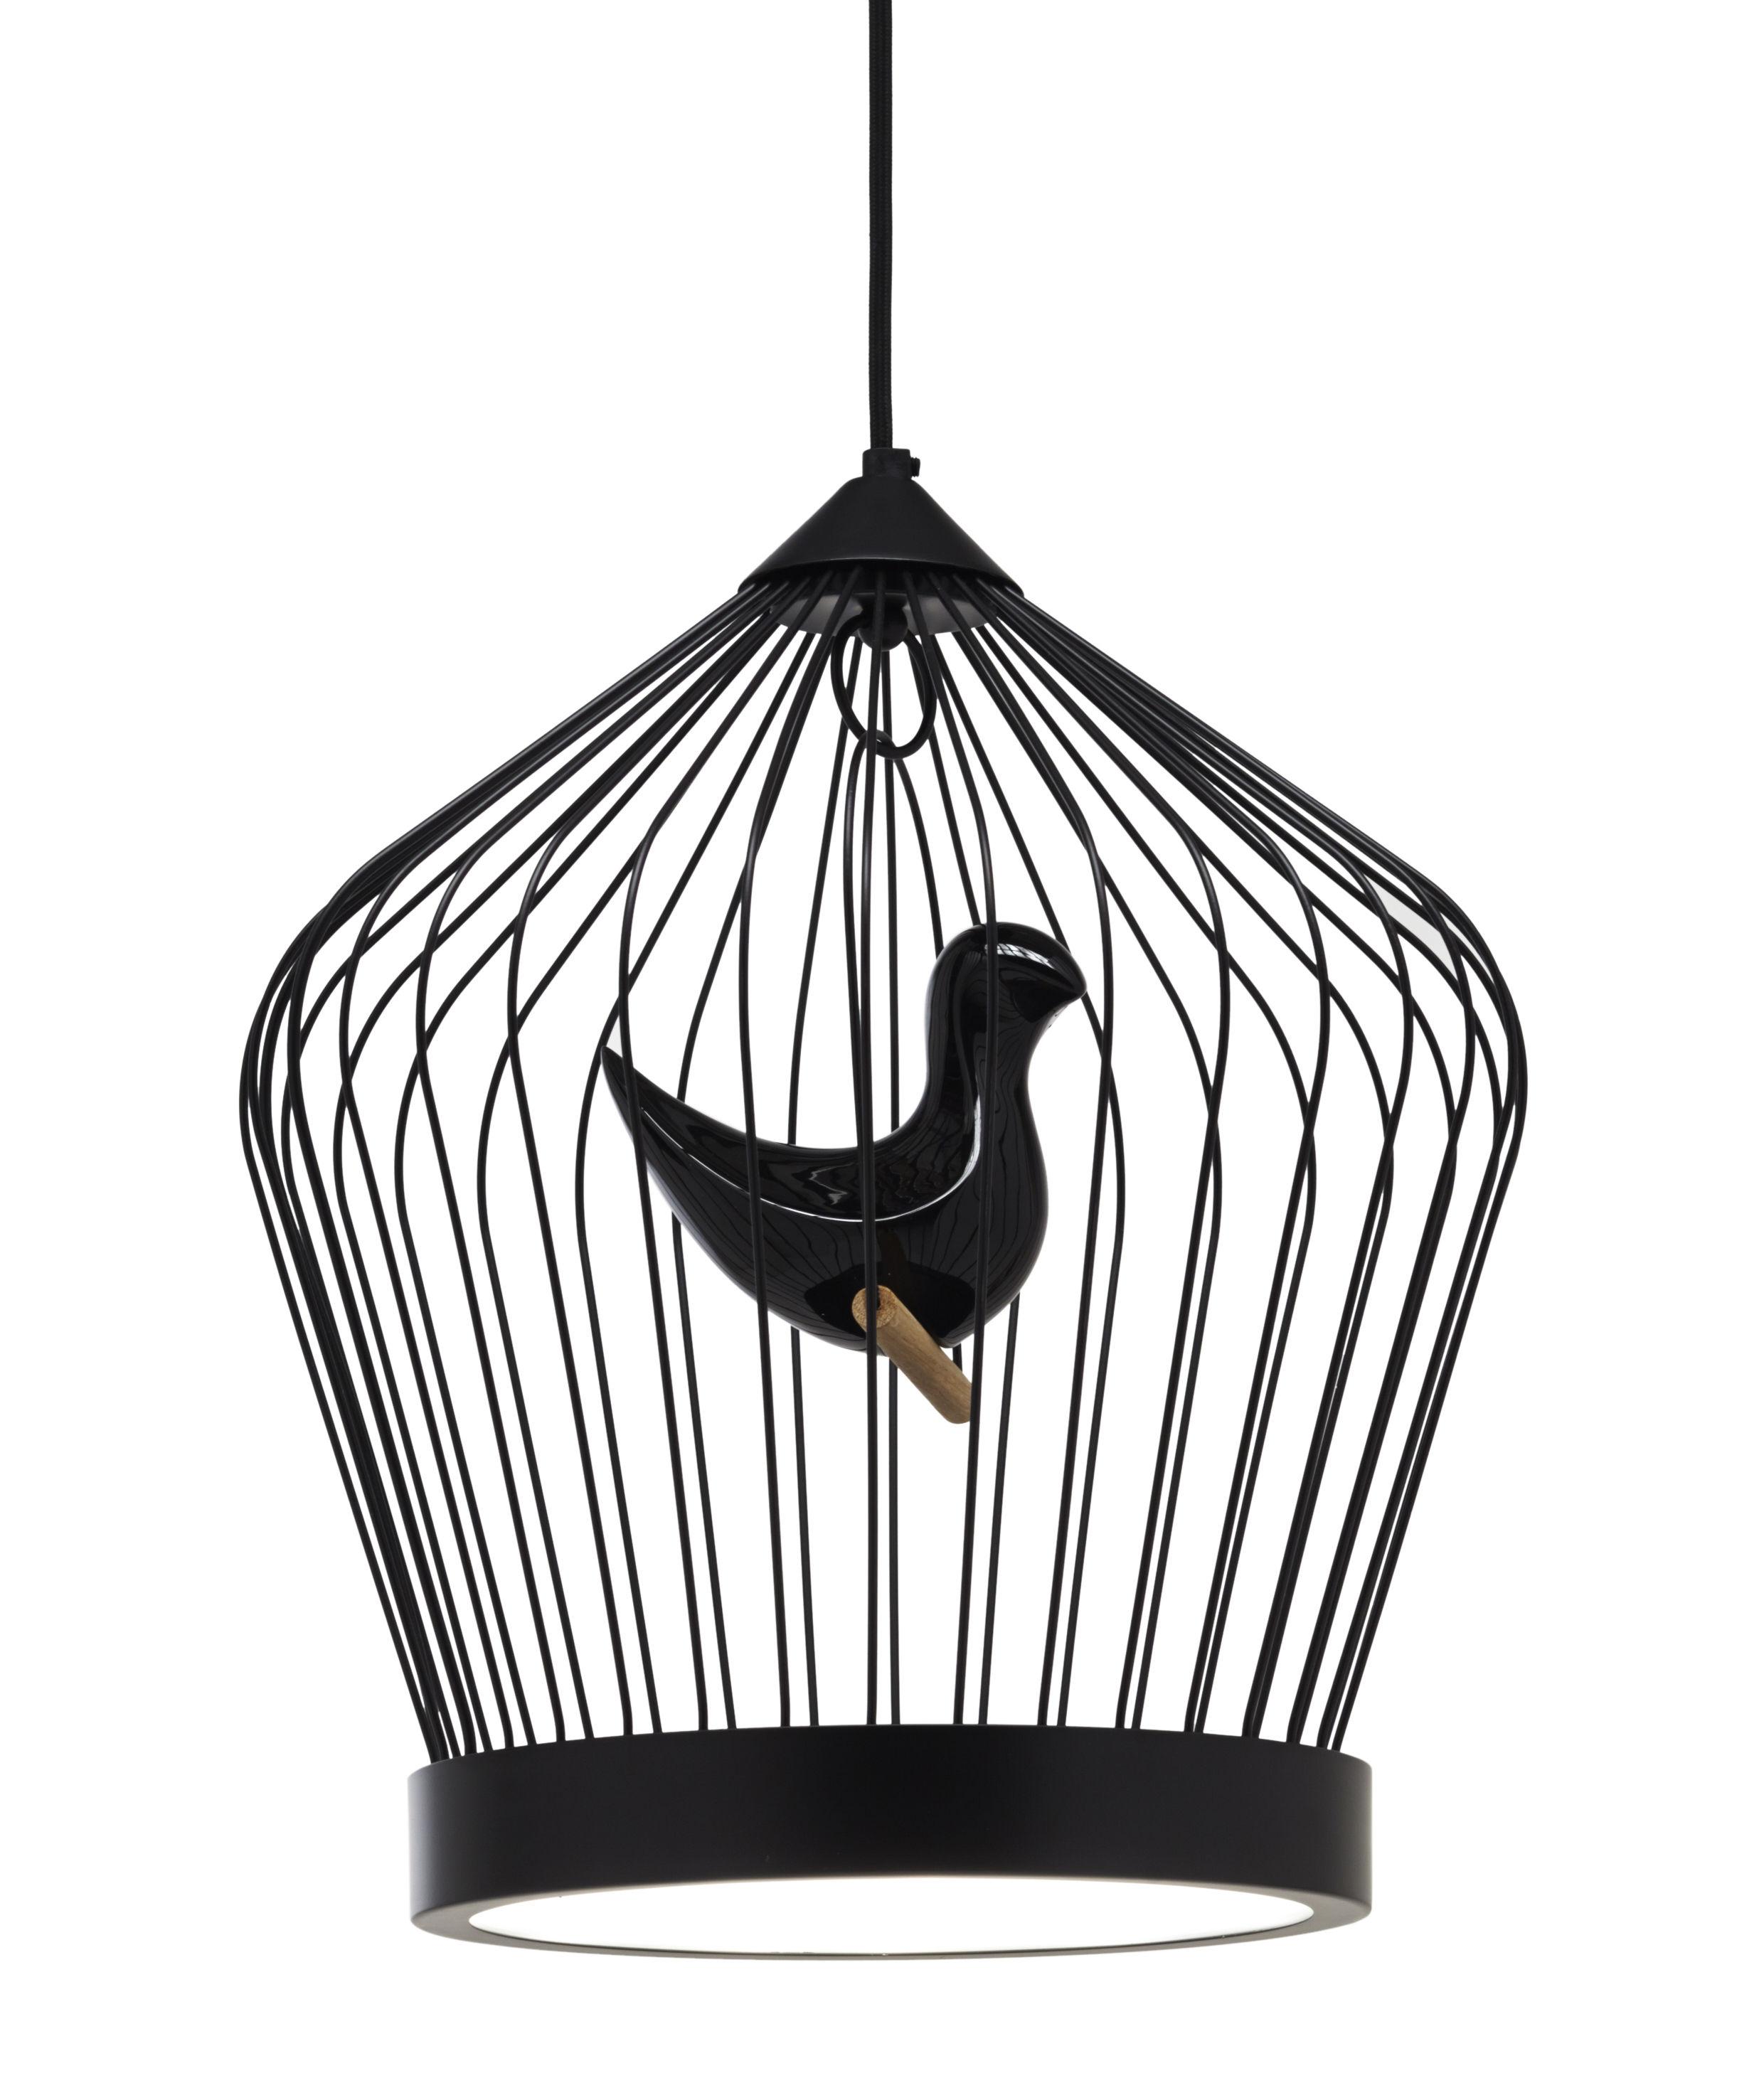 Luminaire - Suspensions - Suspension Twee T. Small / LED - H 46 cm - Casamania - Noir - Céramique, Métal peint